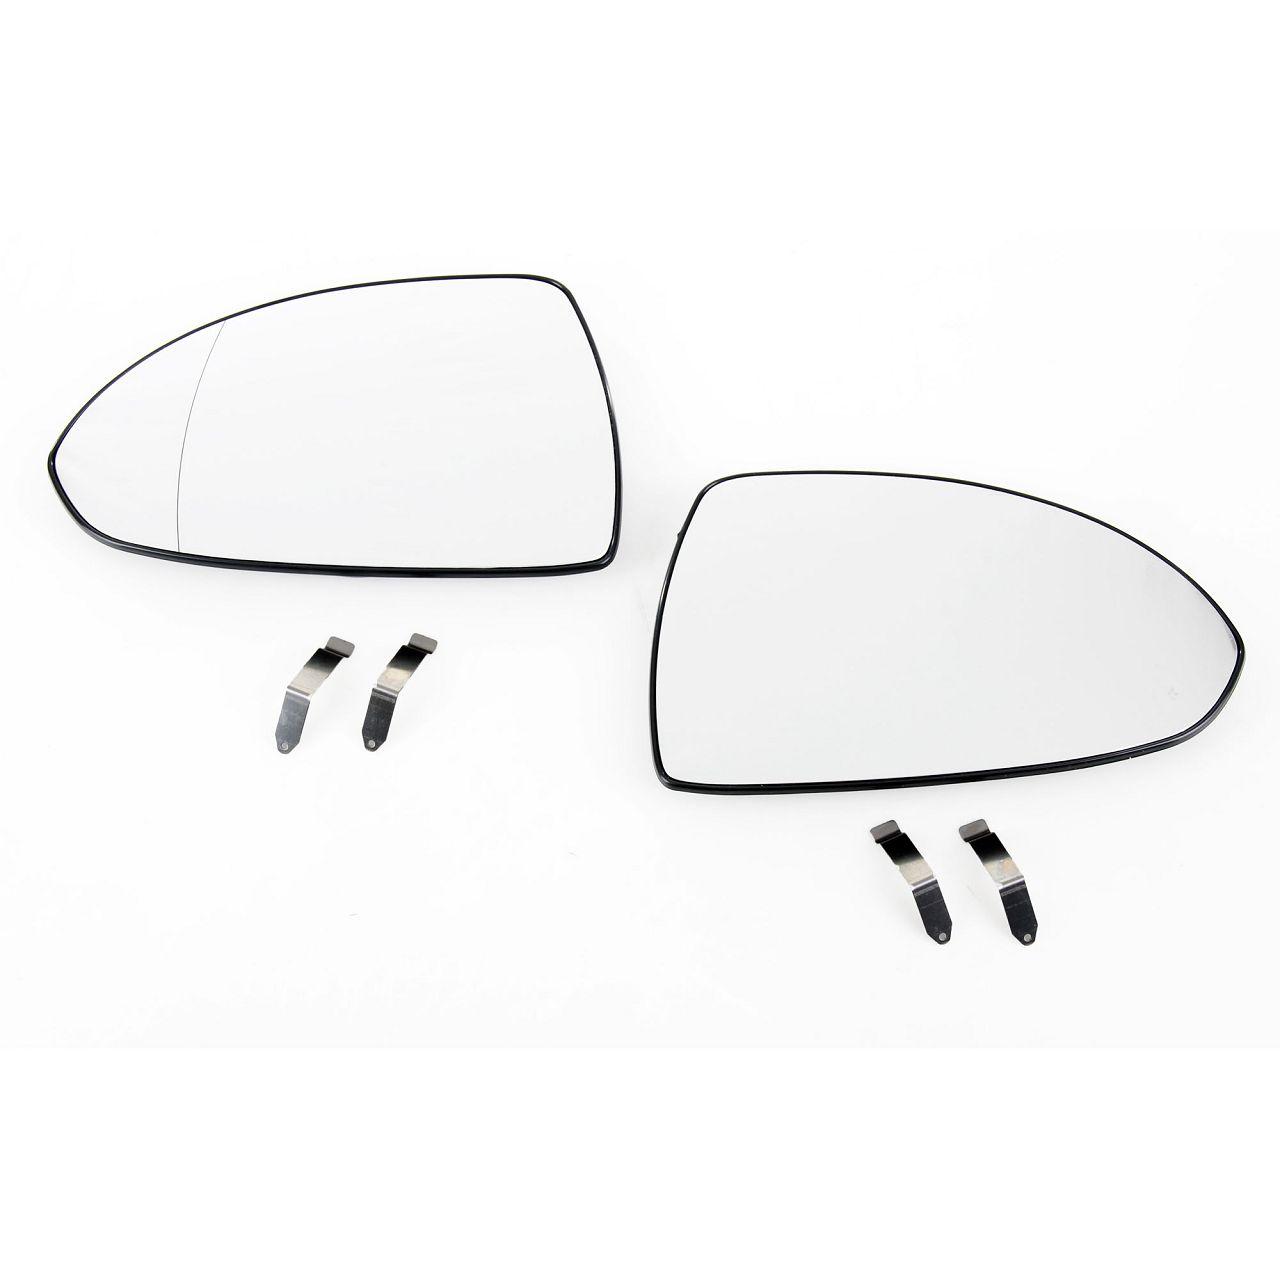 2x Außenspiegel Spiegelglas ELEKTRISCH für OPEL Corsa D bis Fgst. links + rechts